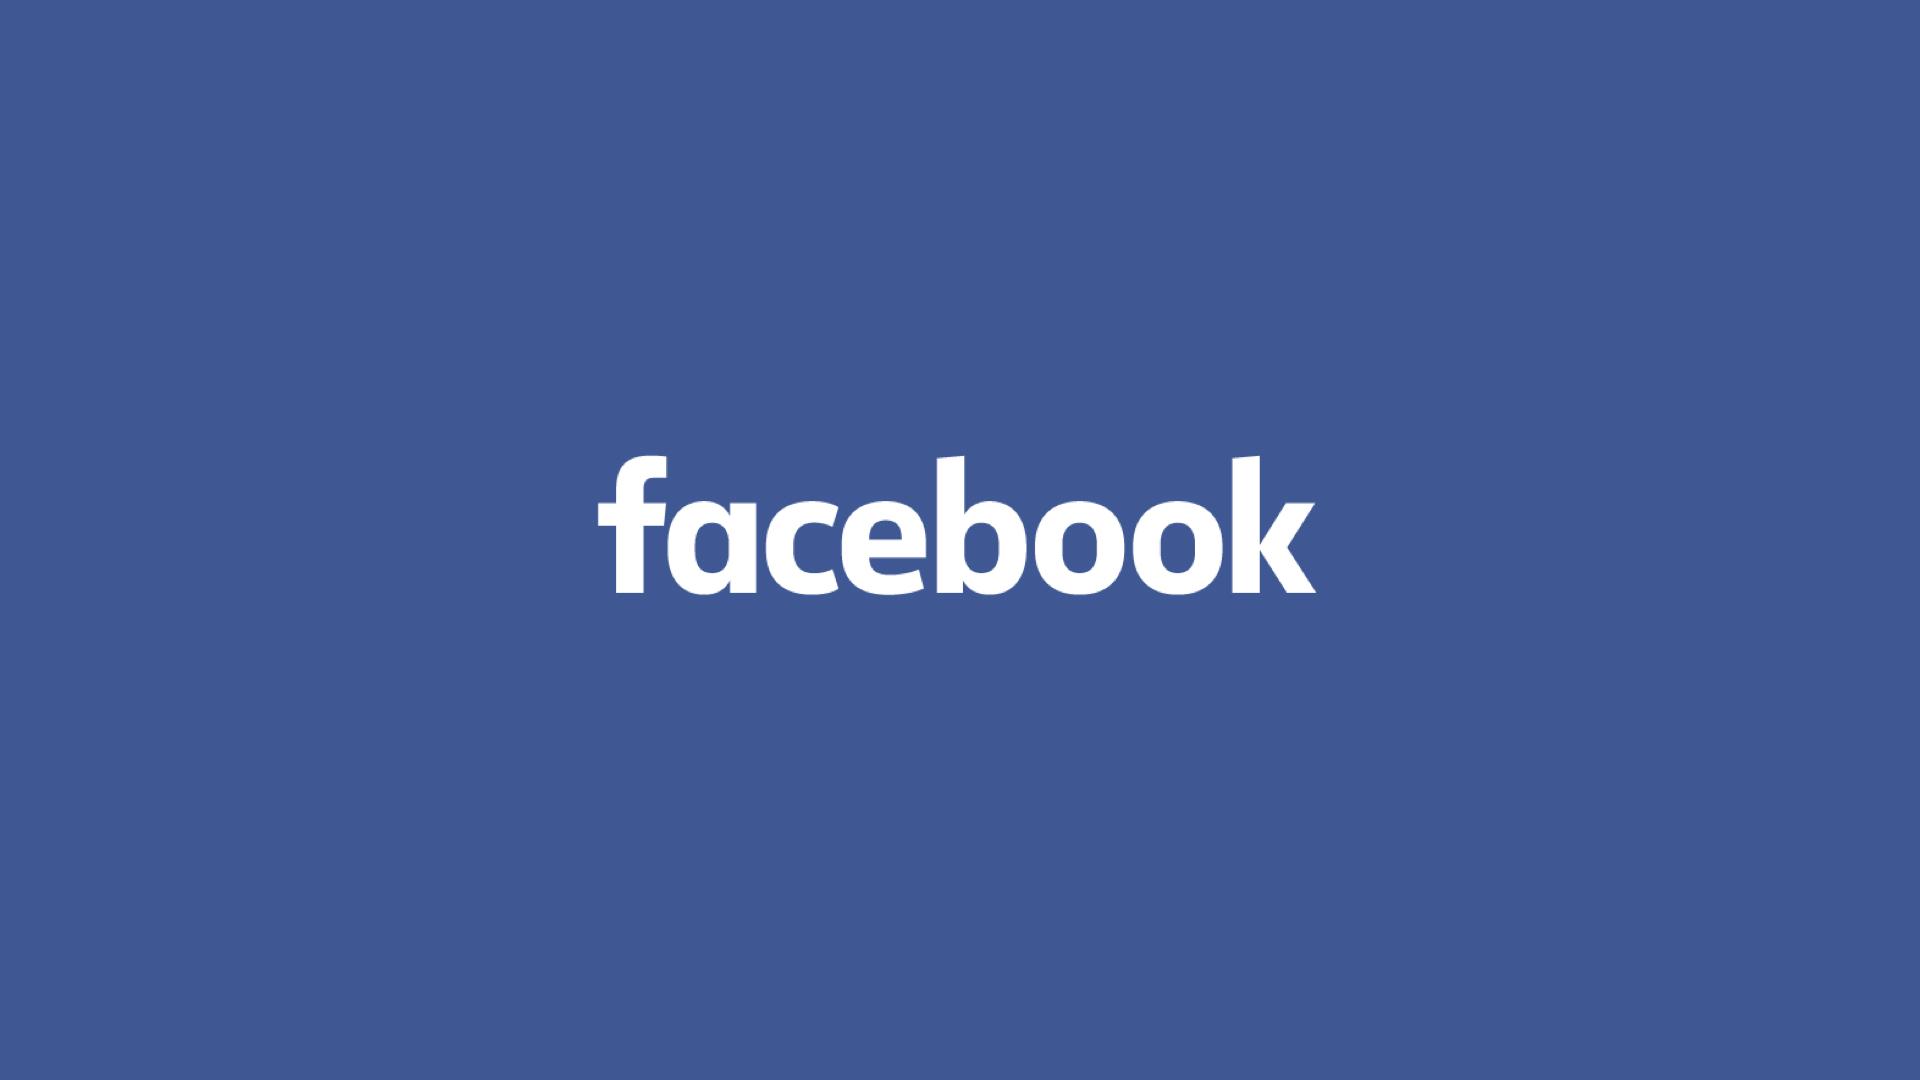 Come eliminare account Facebook - SoluzioniTecnologiche